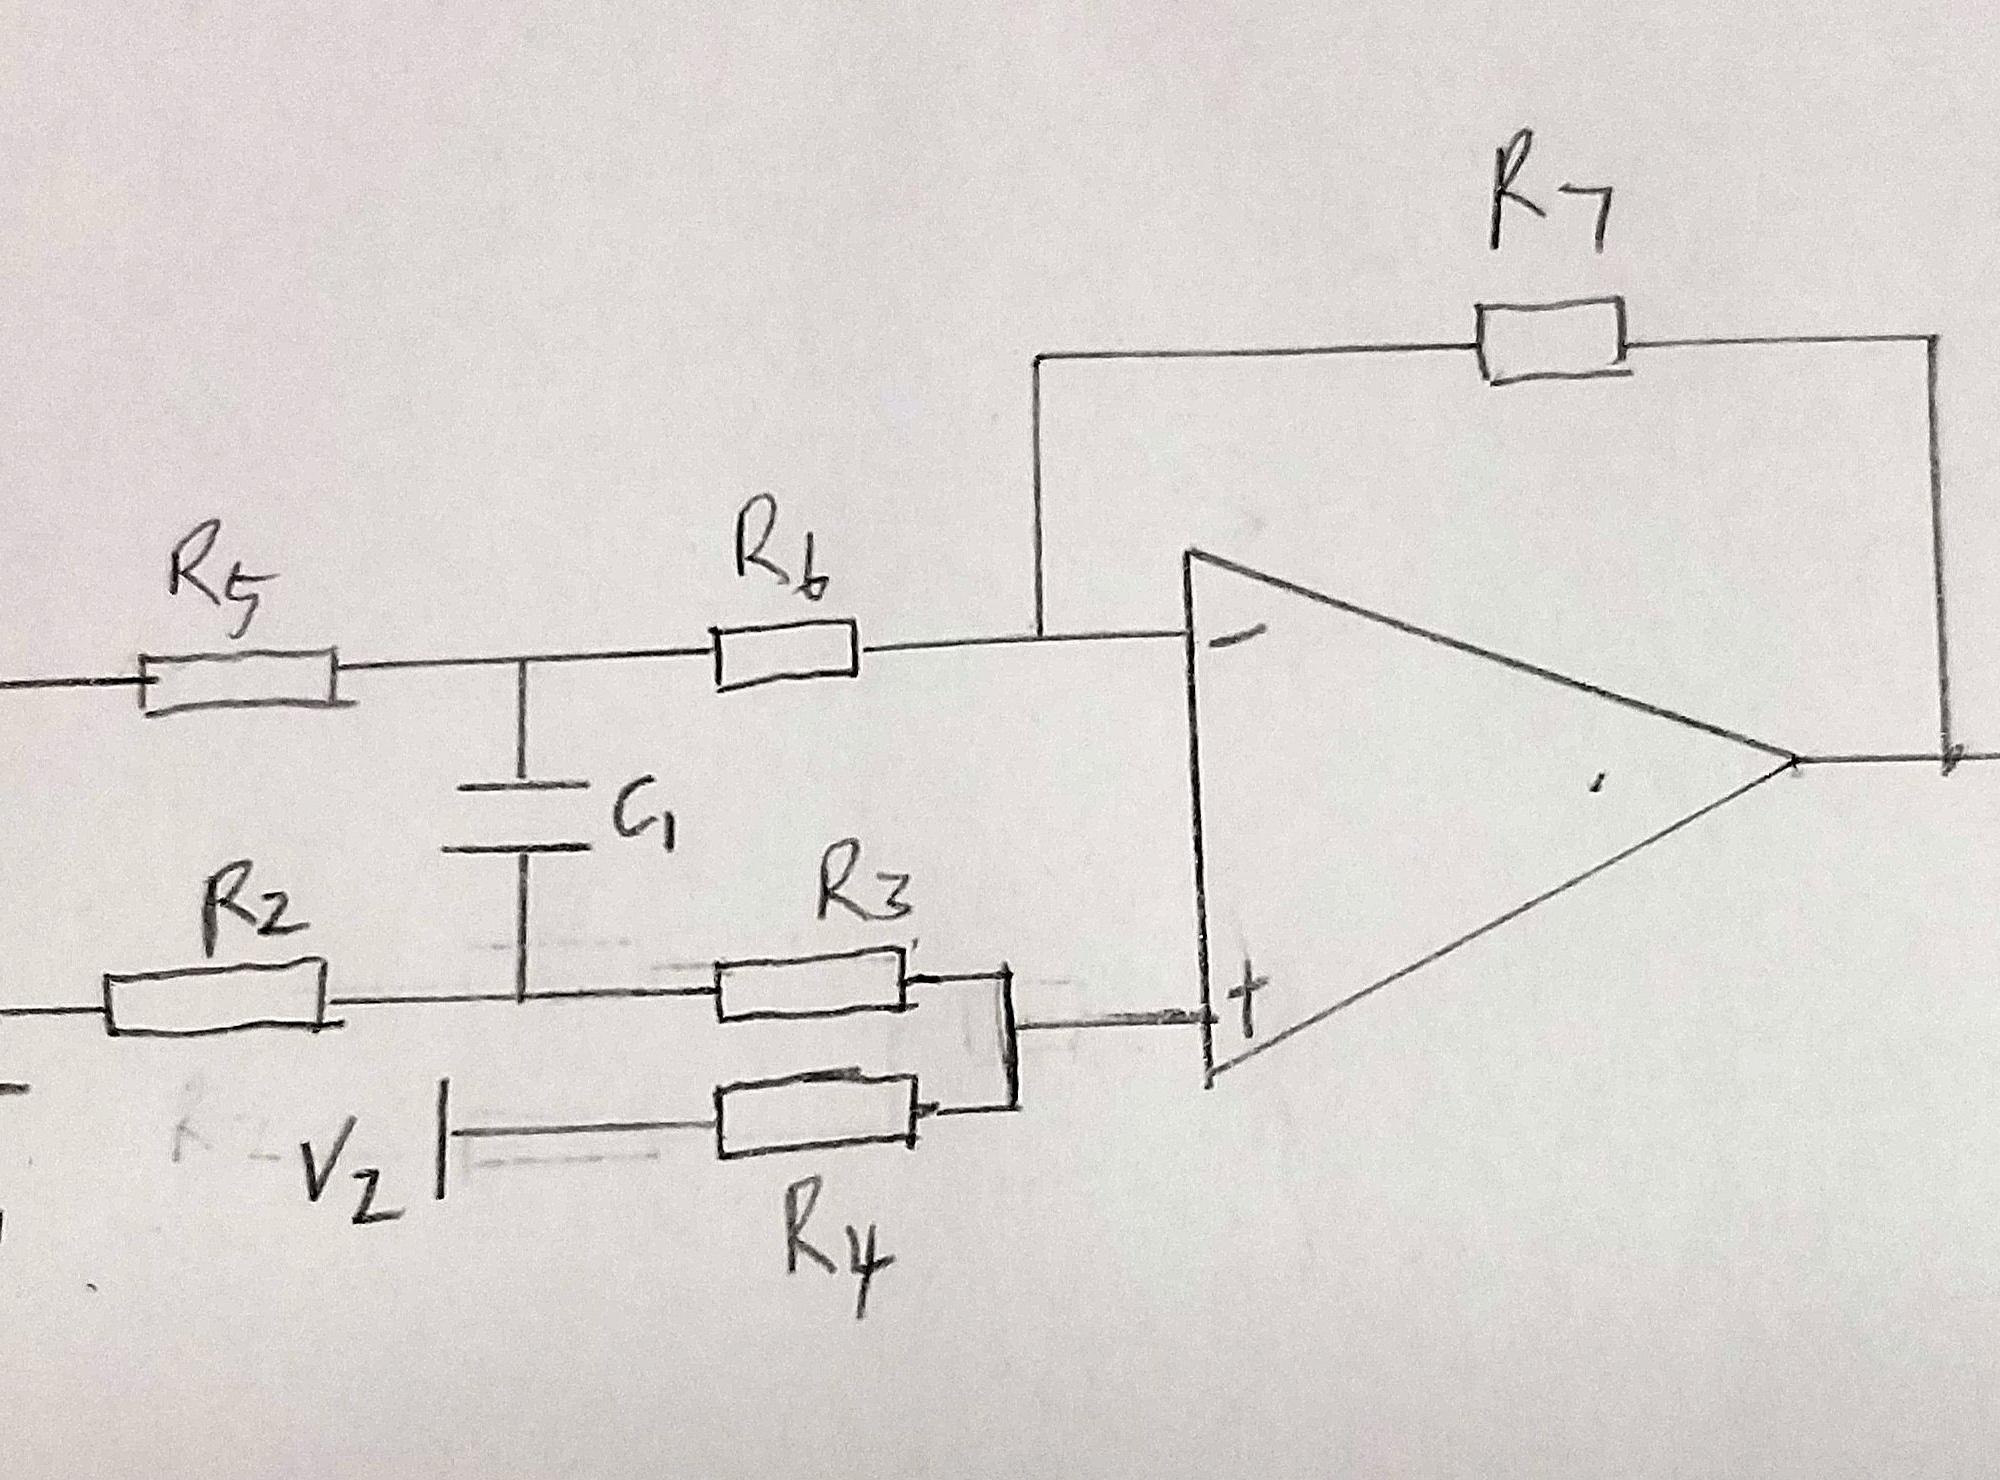 请看图,这个运算放大电路如何分析?